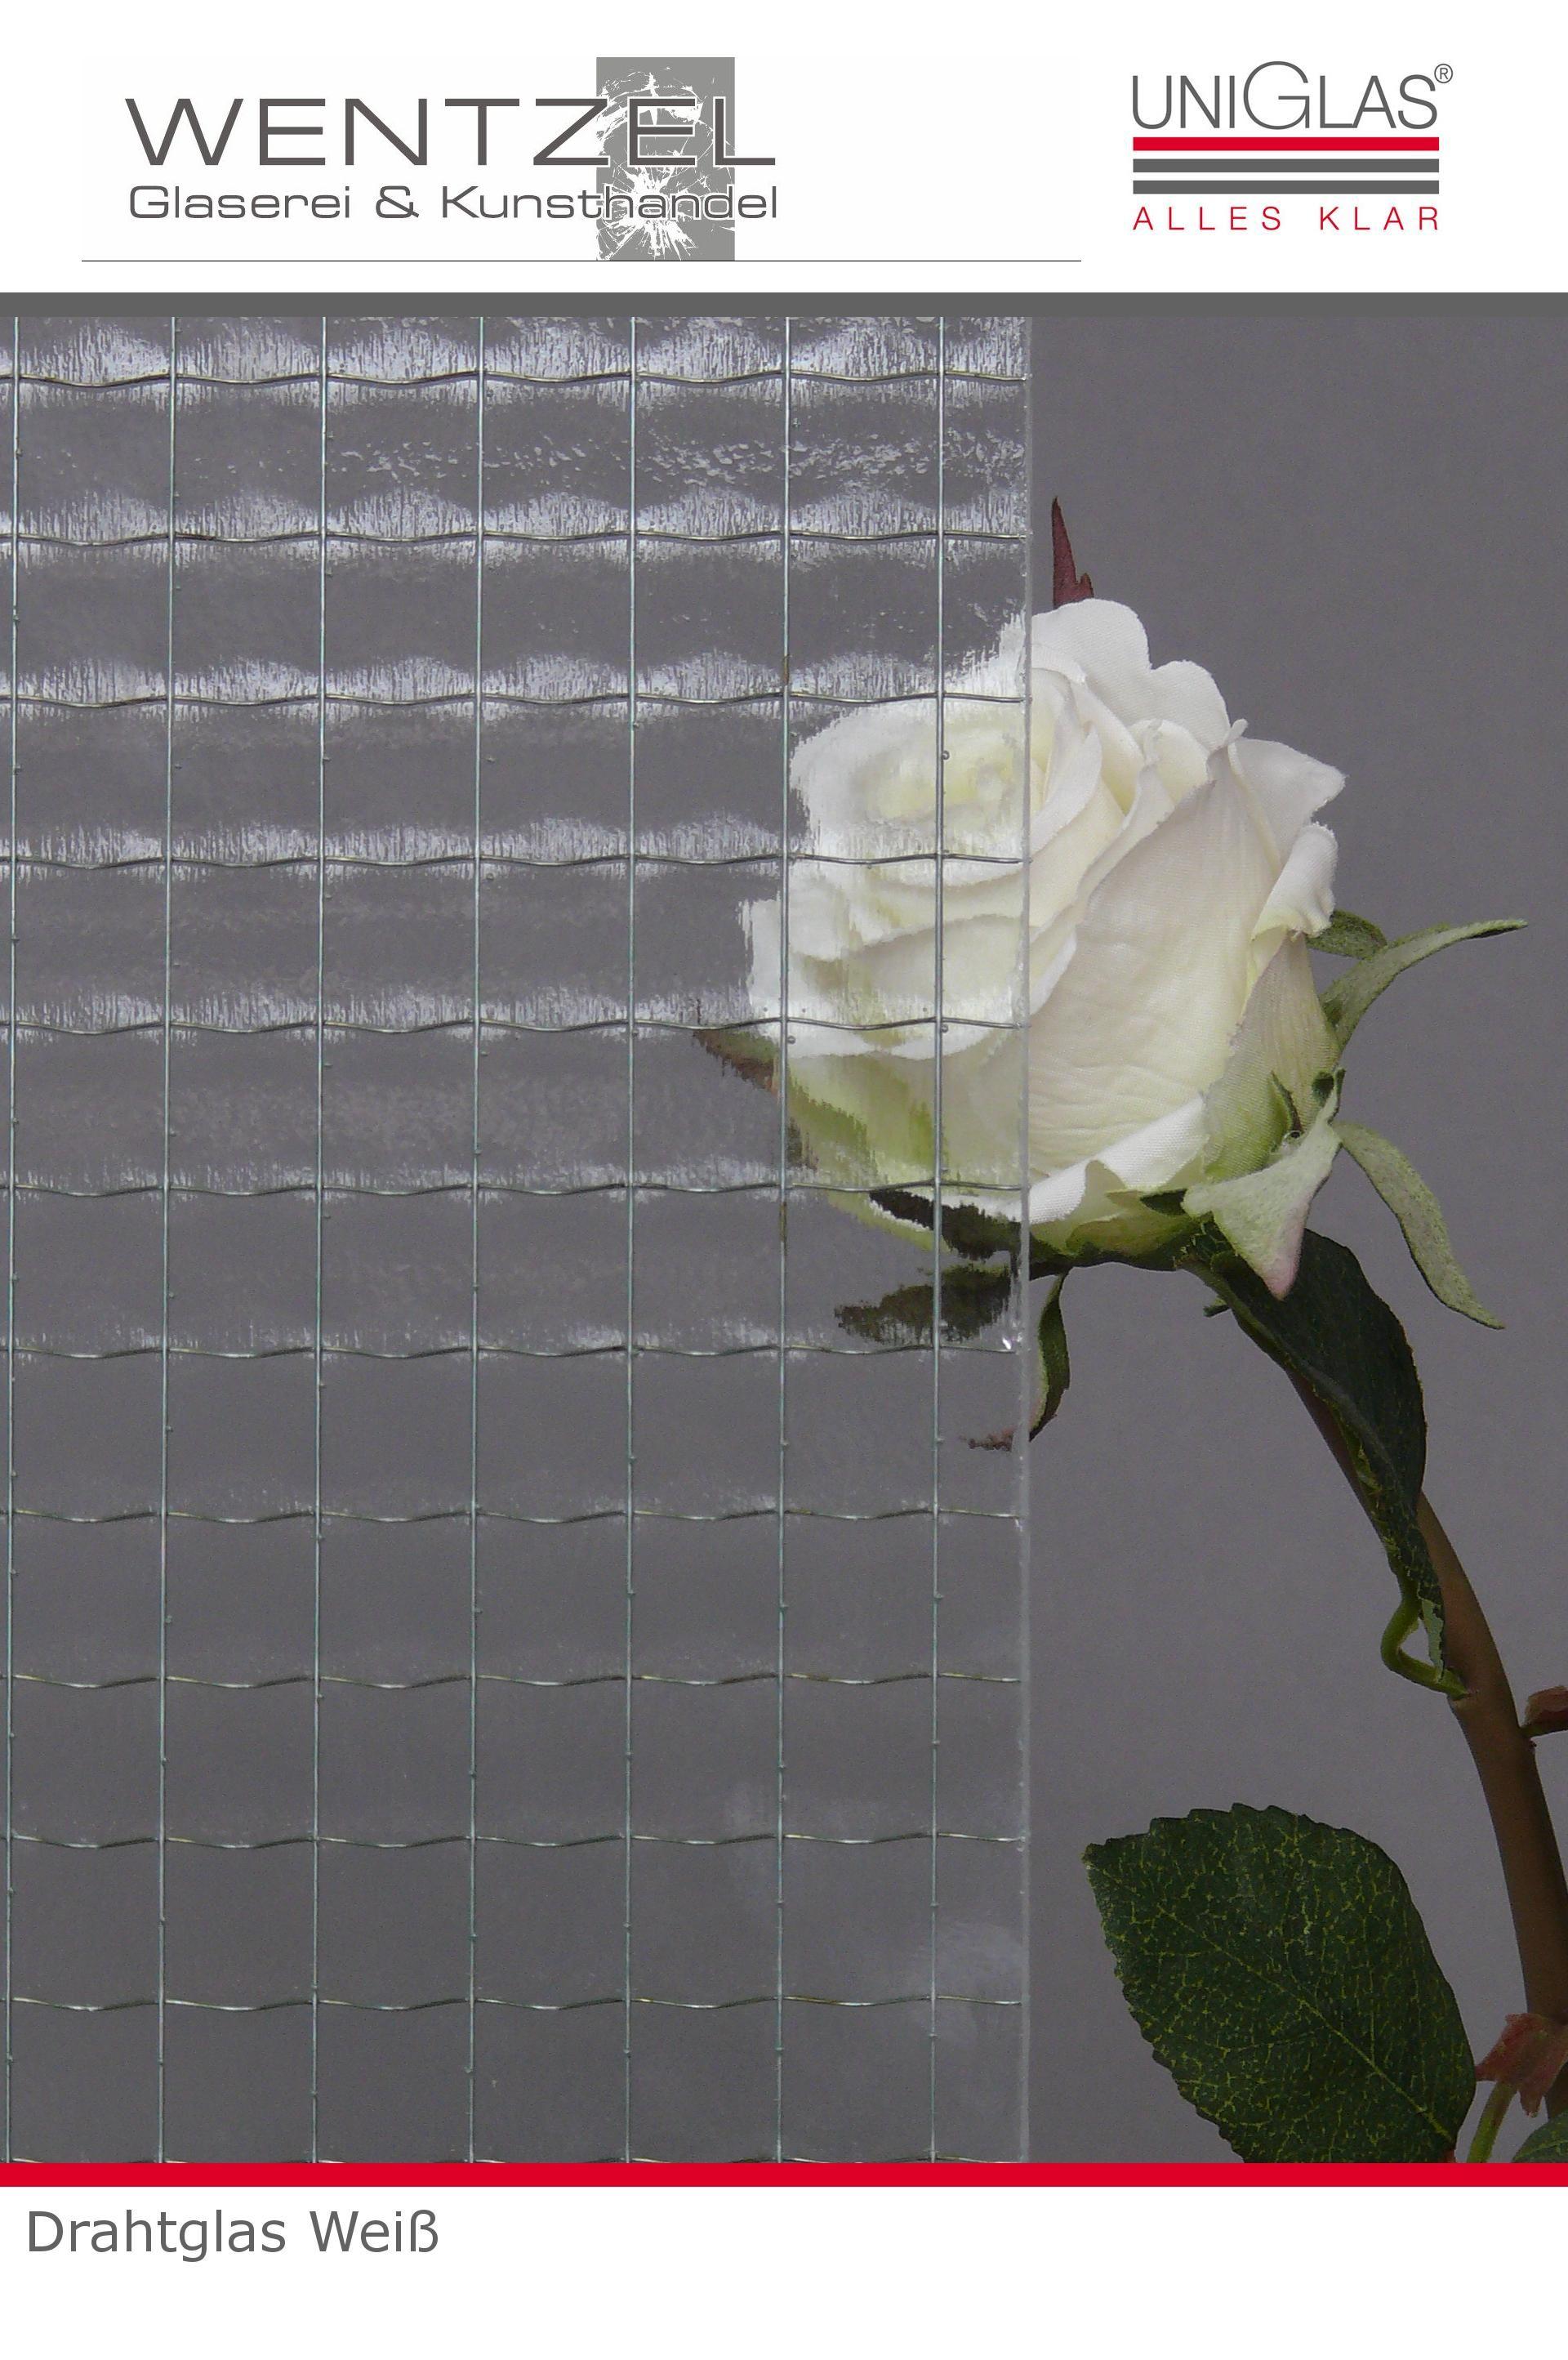 Ziemlich Diamant Drahtglas Bilder - Elektrische Schaltplan-Ideen ...